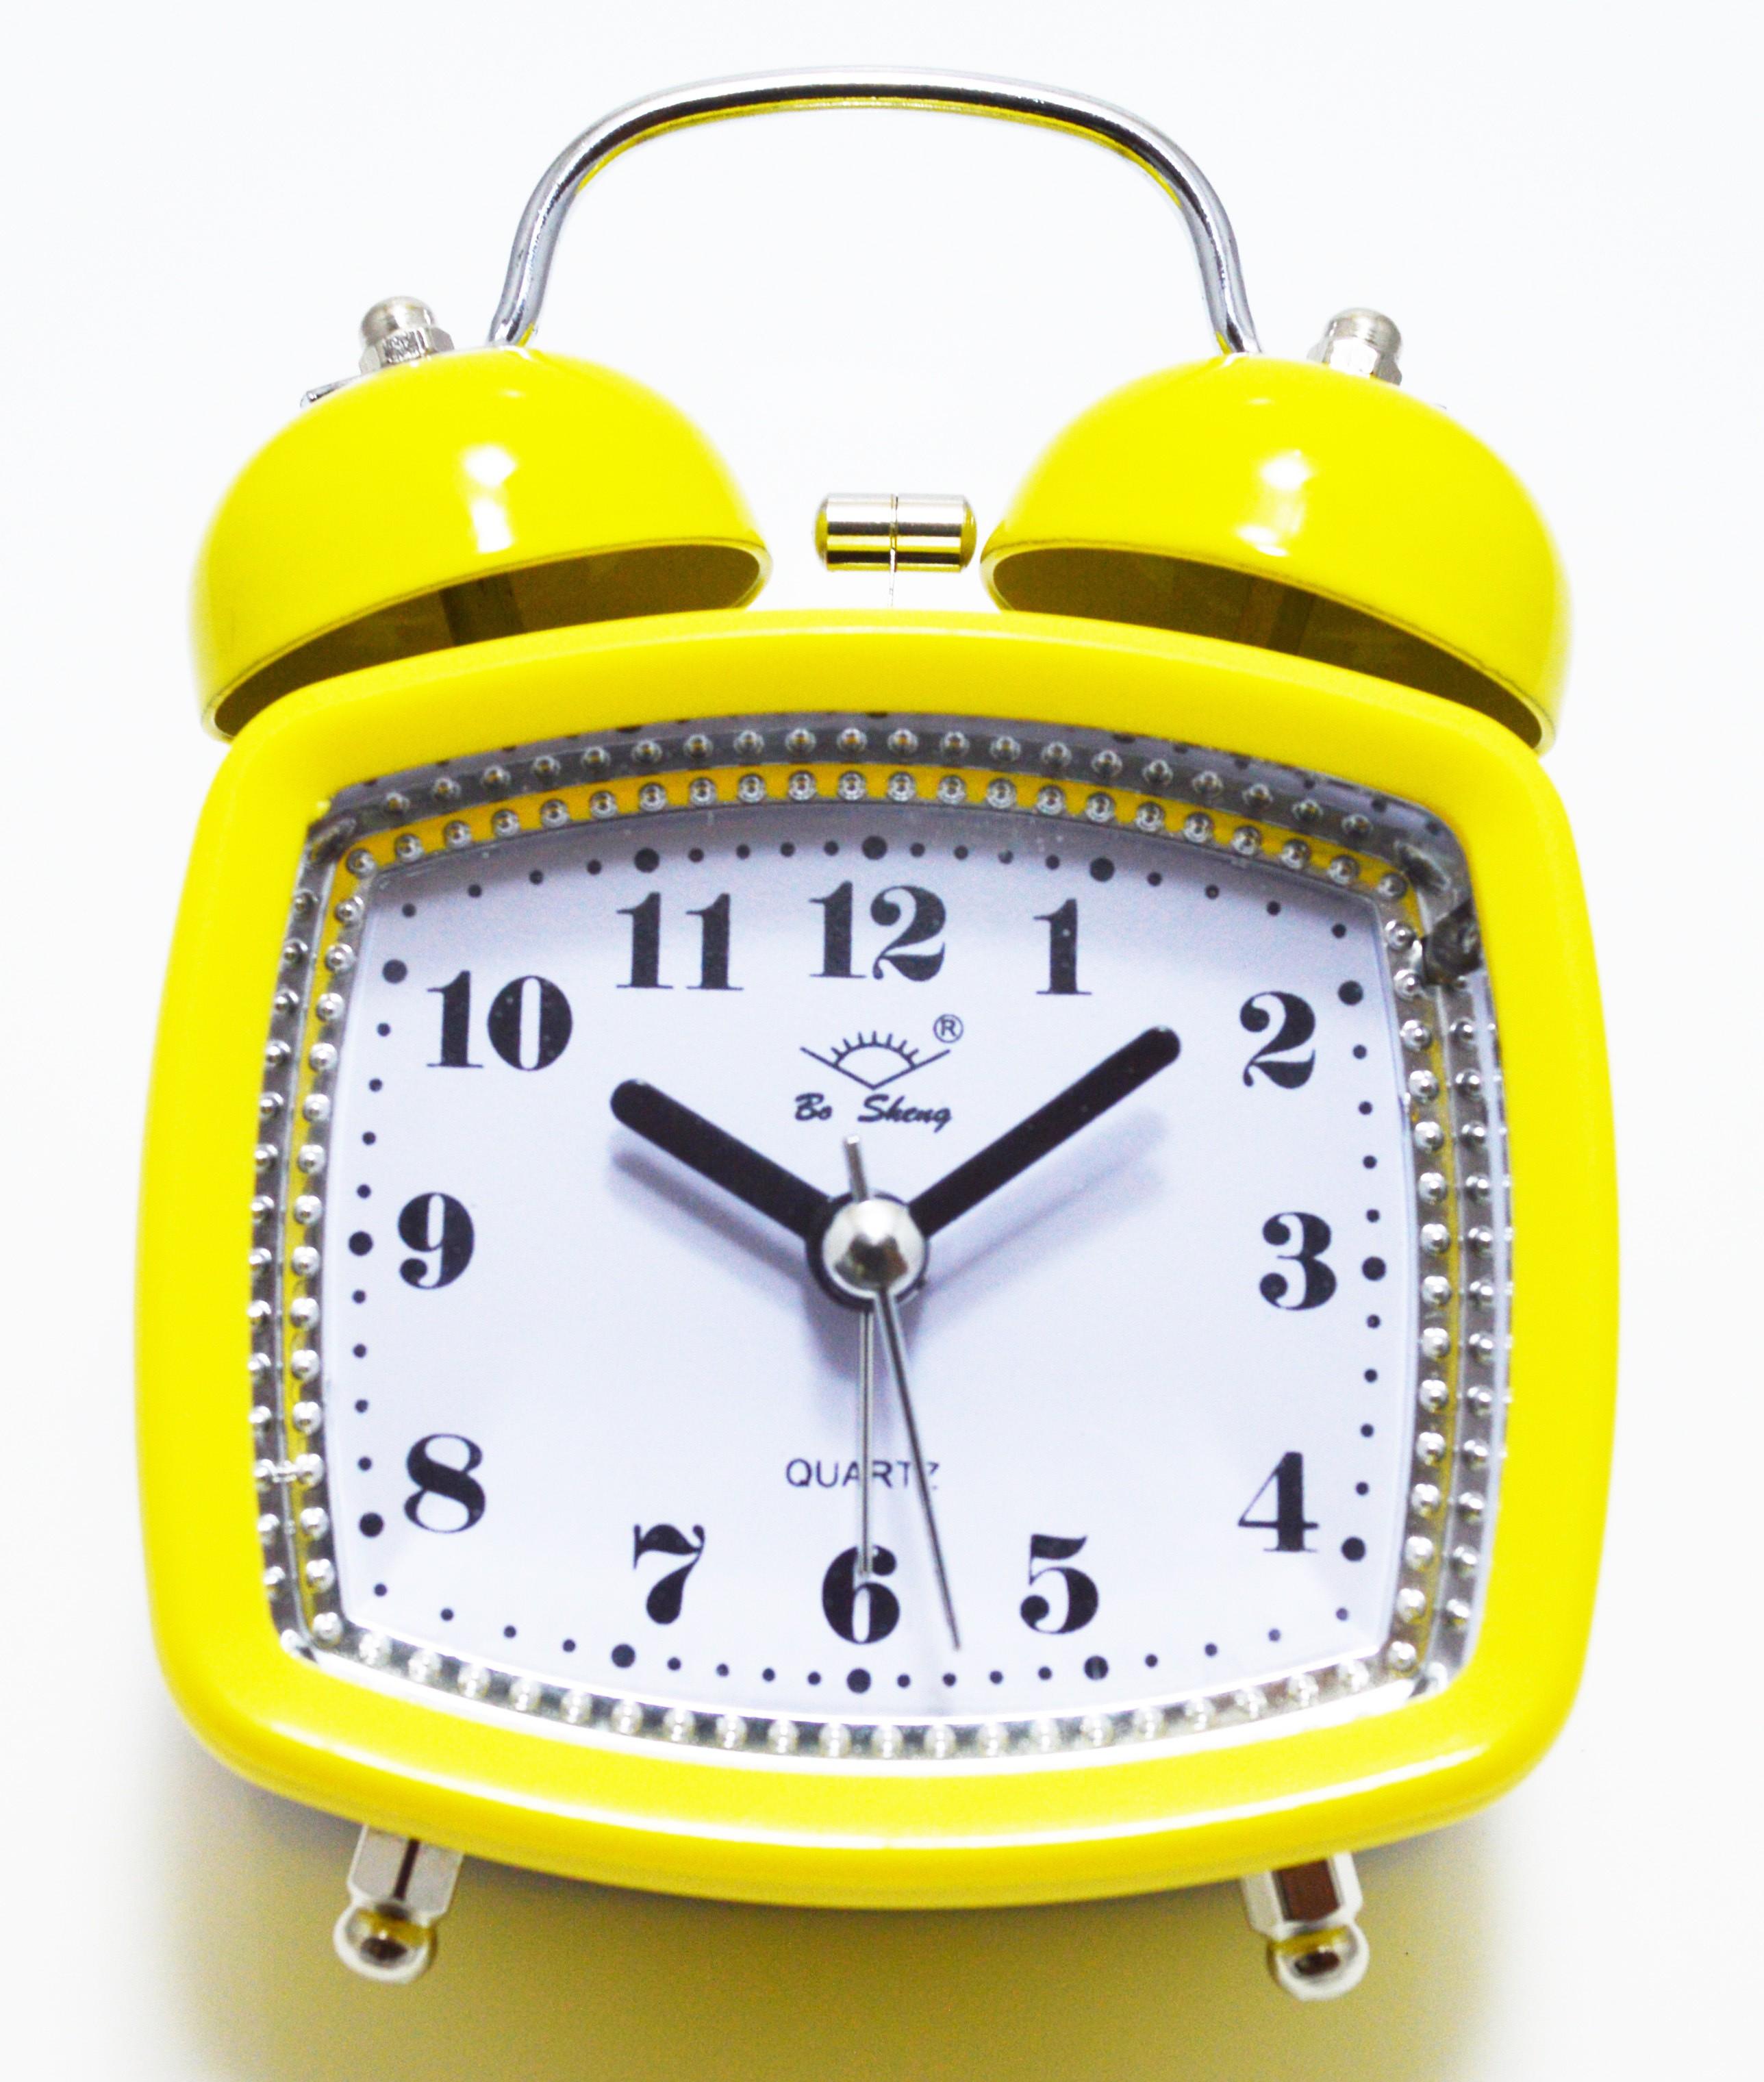 http://img.fkcdn.com/image/table-clock/r/y/g/sq1-liike-square-original-imae8hk6gjdhfn9j.jpeg